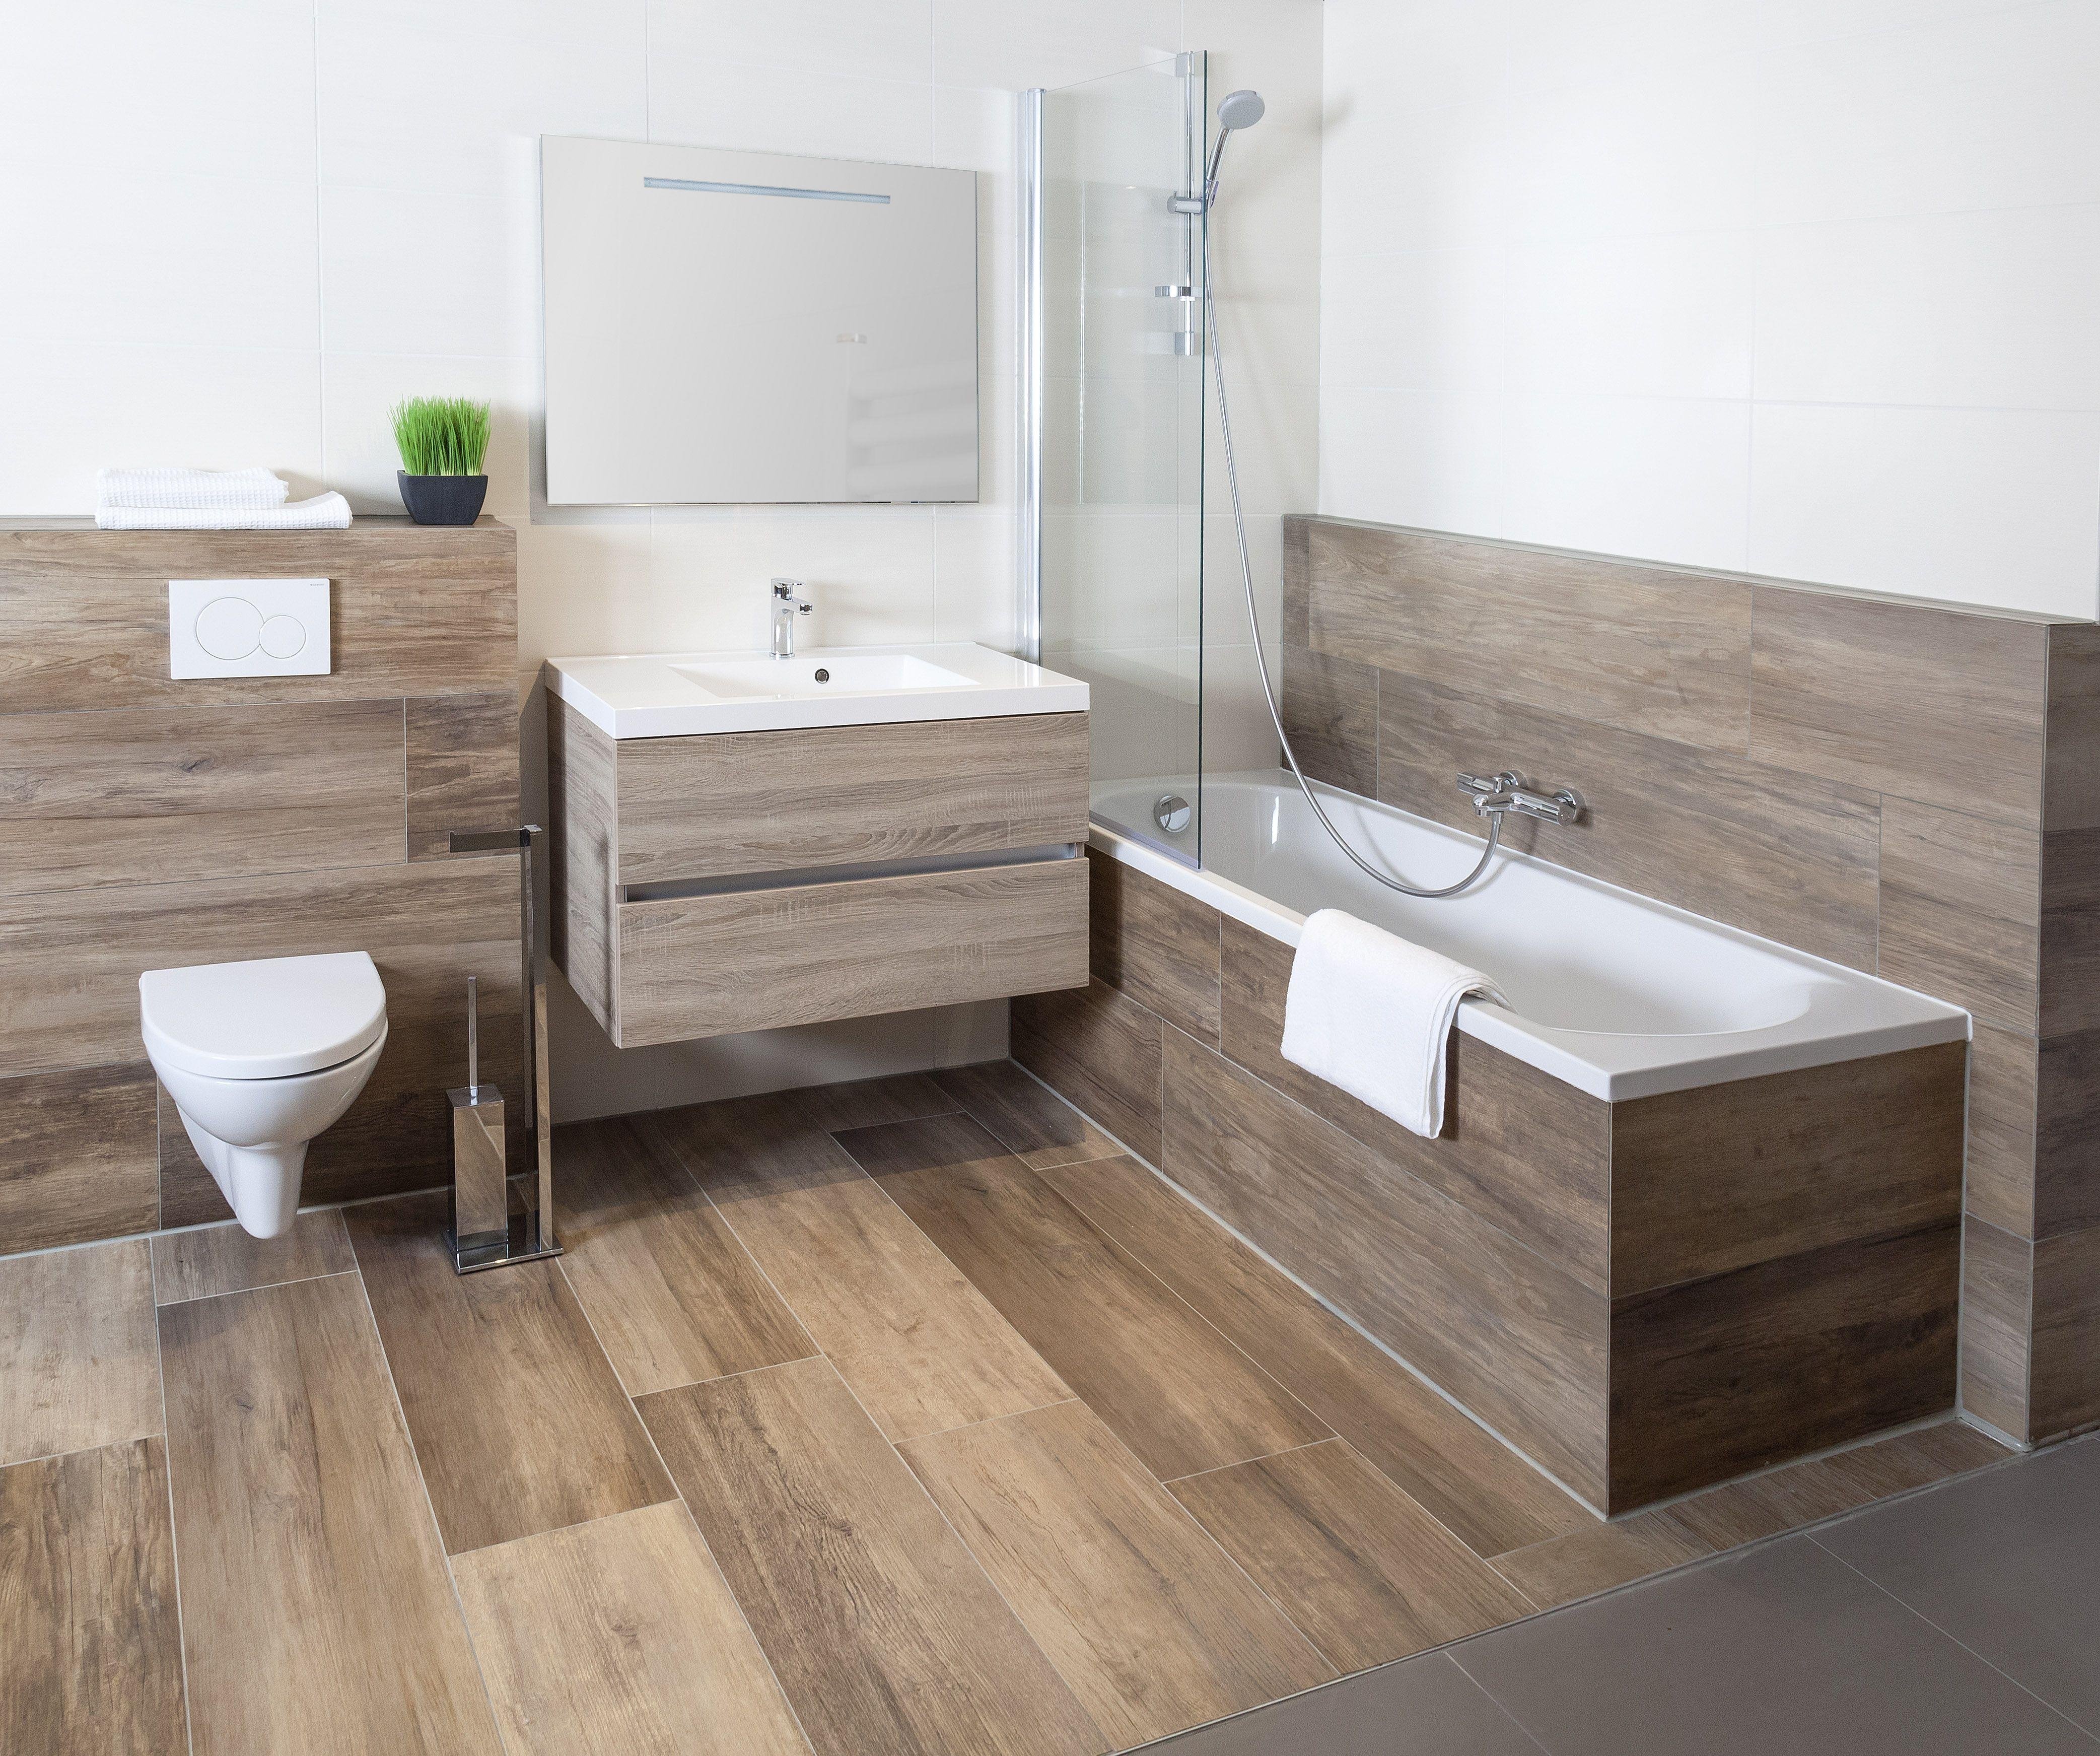 wood#houtlook#badkamer#bathroom#tijdloos#bad#badmeubel#kraan#badwand ...